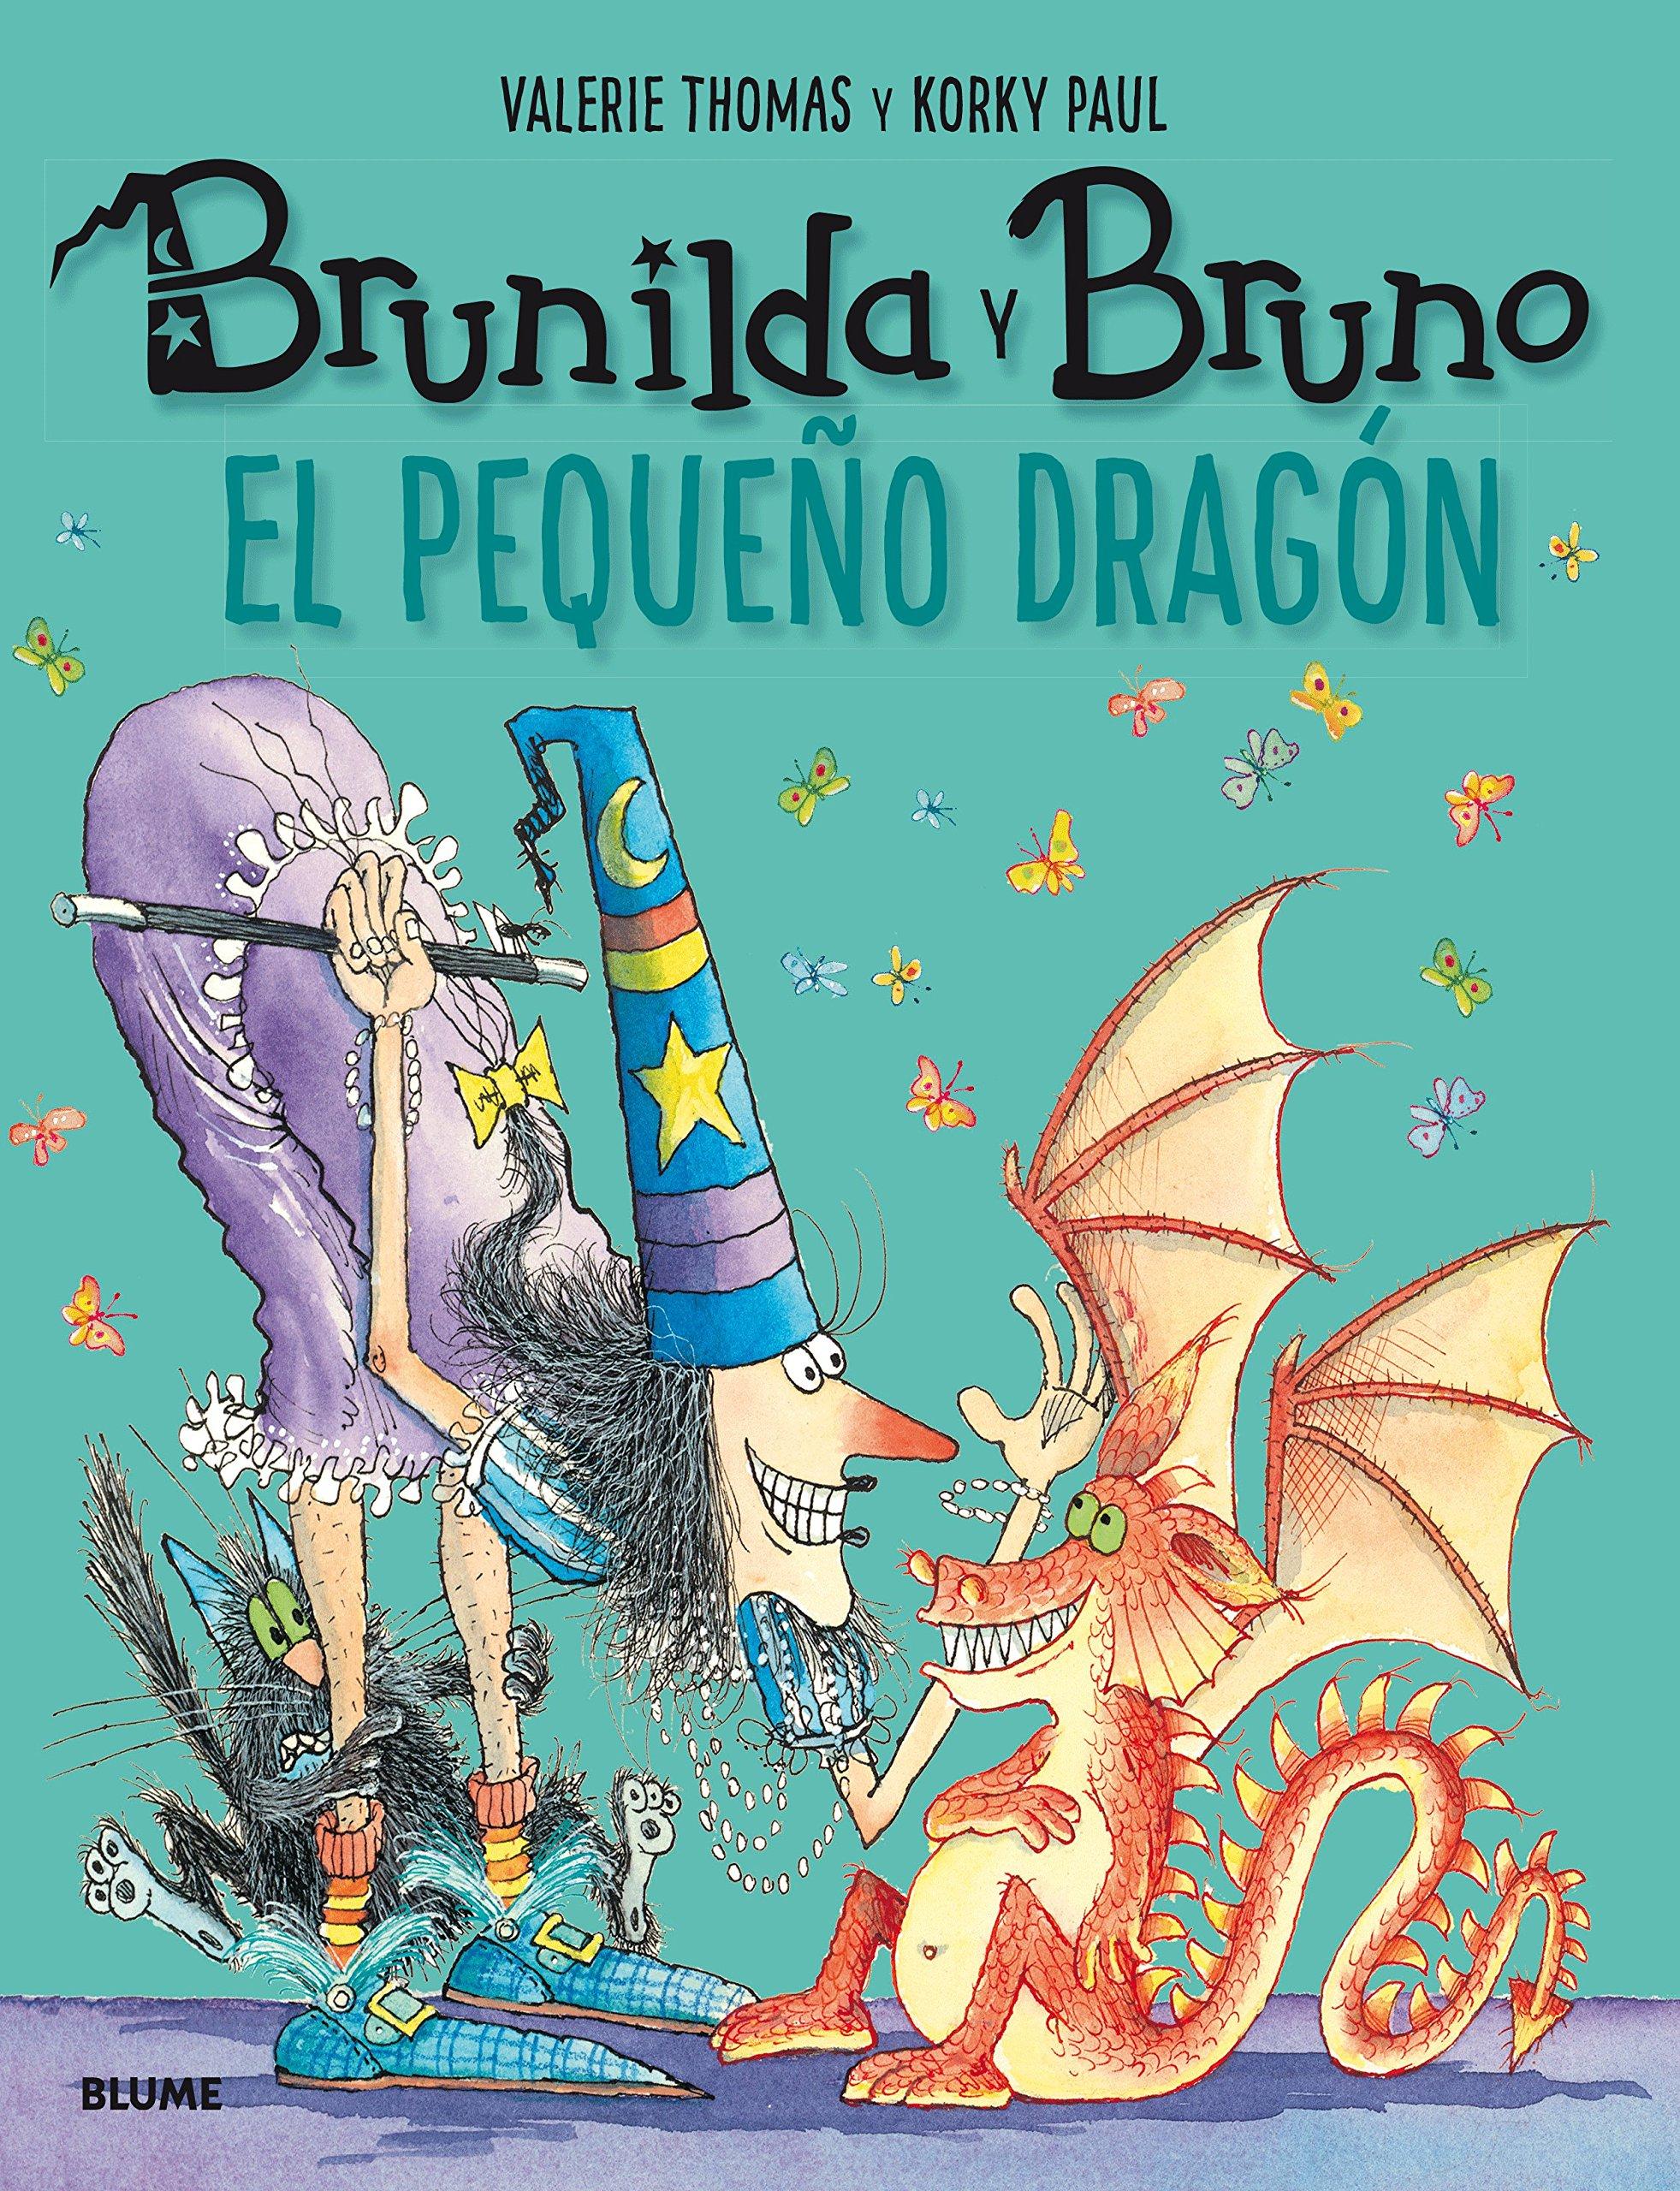 Brunilda y Bruno. El pequeño dragón: Amazon.es: Thomas, Valerie, Korky, Paul, Rodríguez Fischer, Cristina, Diéguez Diéguez, Remedios: Libros